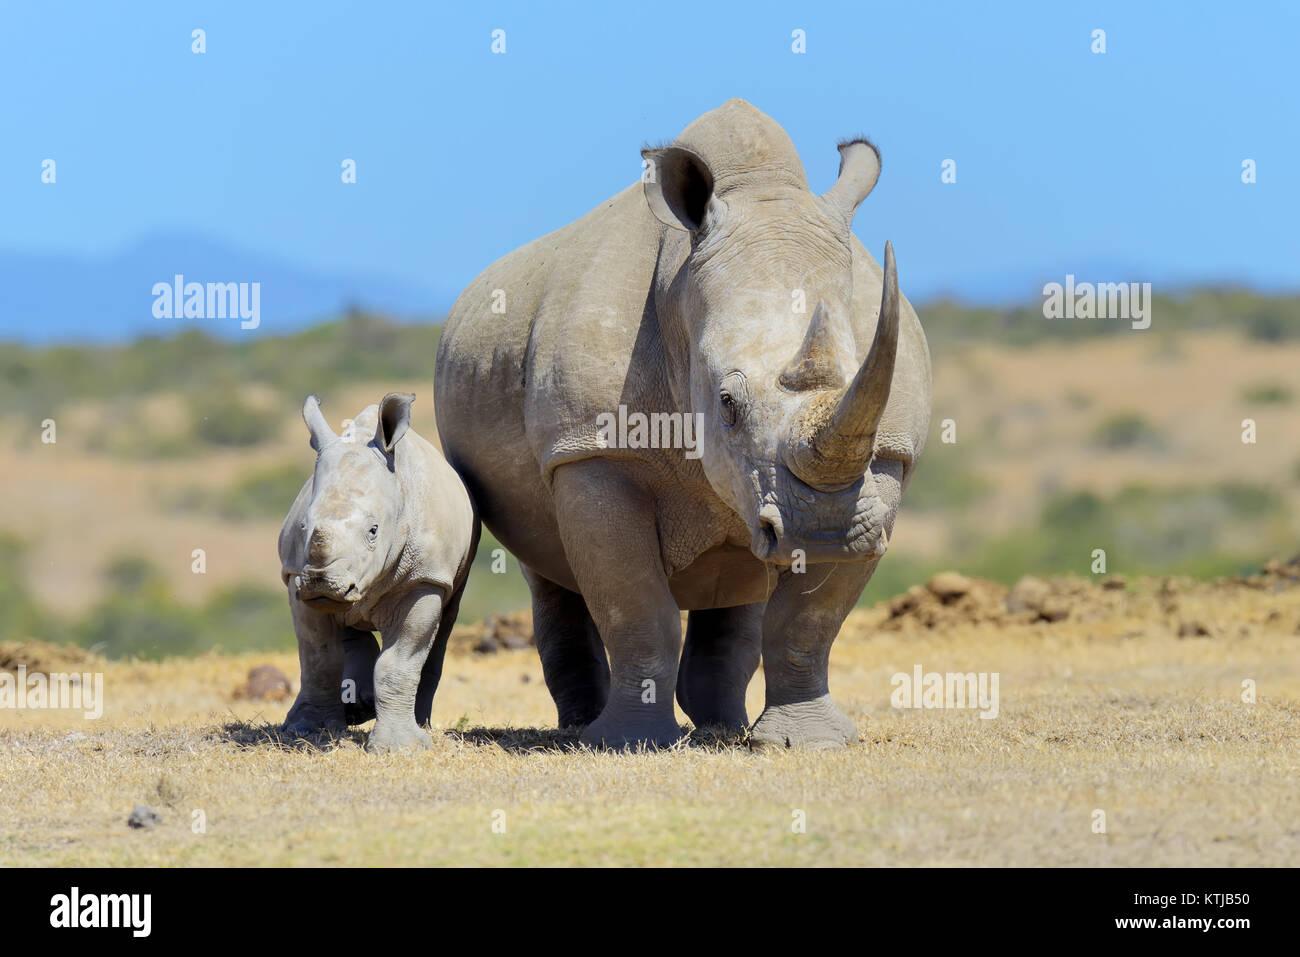 Le rhinocéros blanc d'Afrique, parc national du Kenya, Afrique Photo Stock